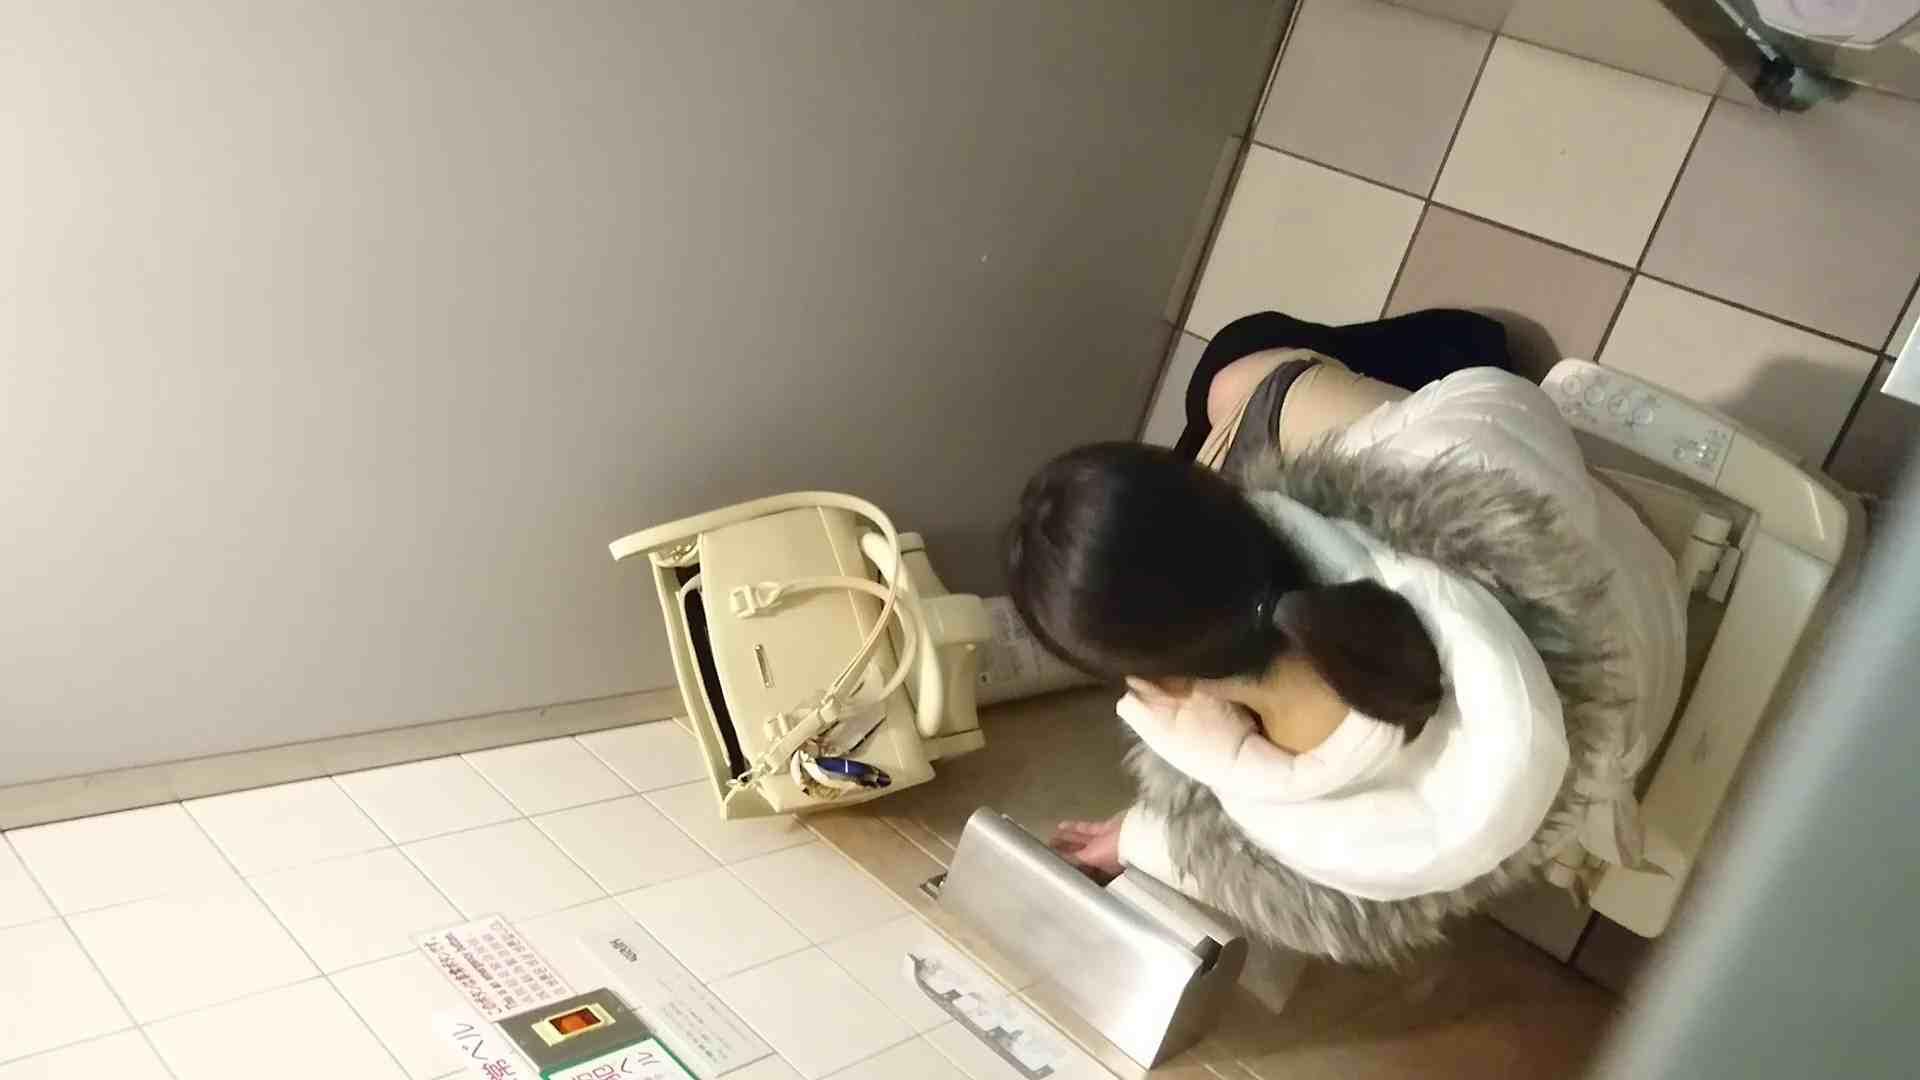 化粧室絵巻 ショッピングモール編 VOL.05 OL女体   0  73連発 51